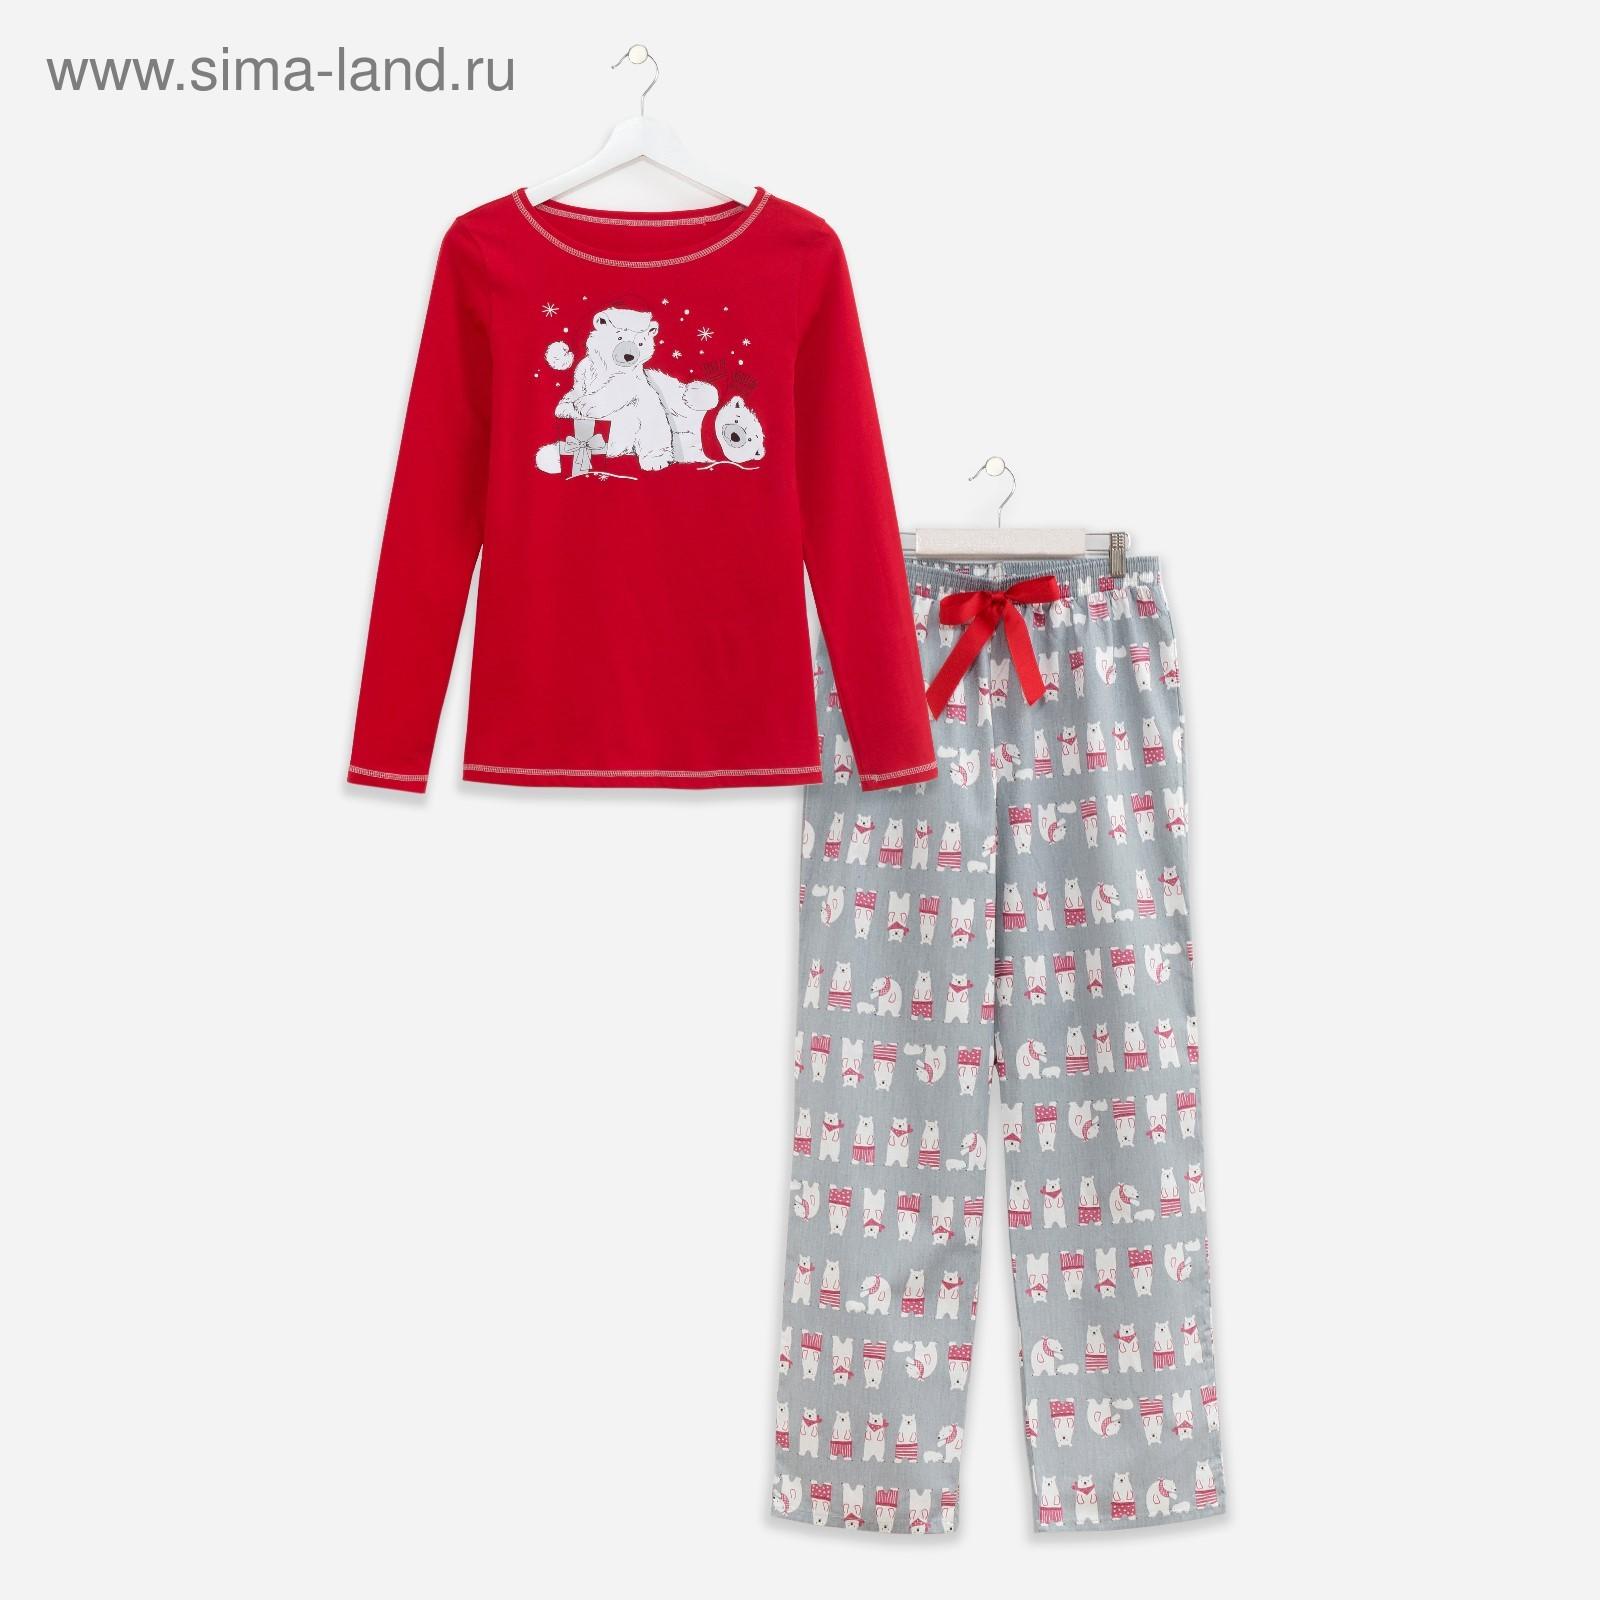 a58bf7f75b224 Пижама женская KAFTAN «Подарок», цвет красный, размер 40–42 (3596855 ...